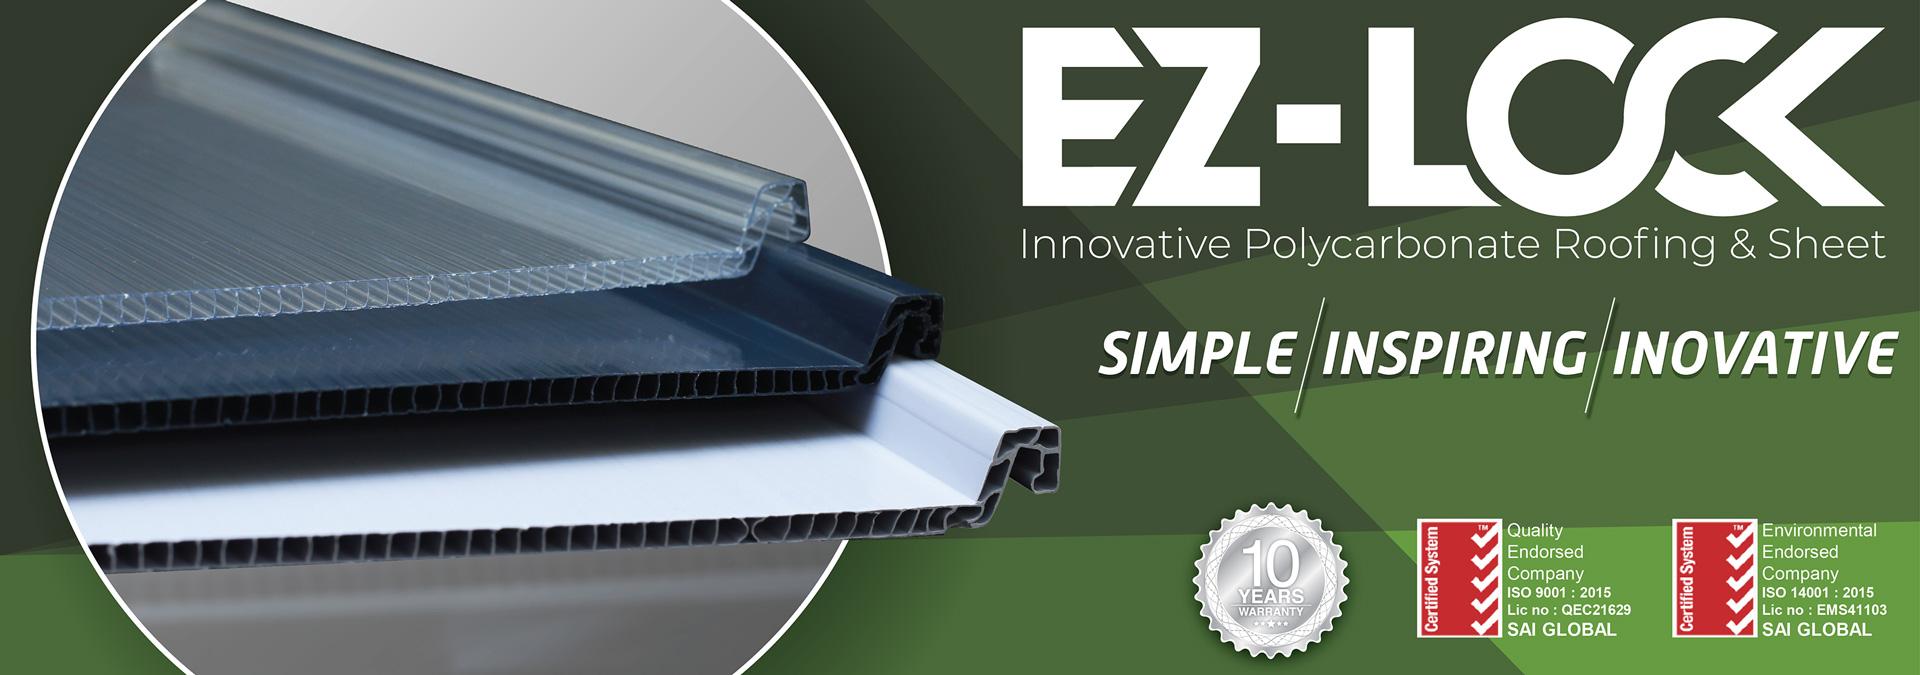 ez-lock atap transparan terbaik praktis minimalis